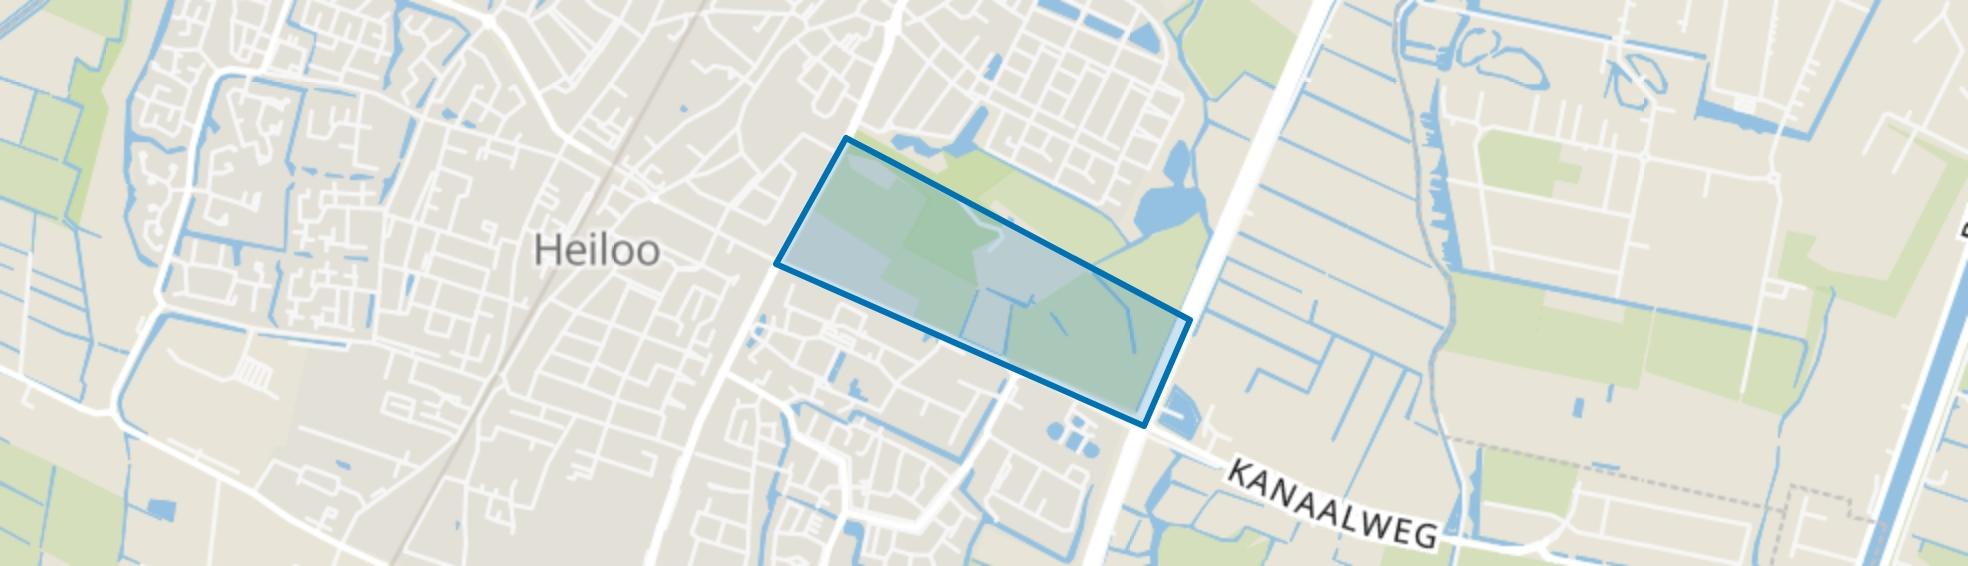 Nijenburg, Heiloo map